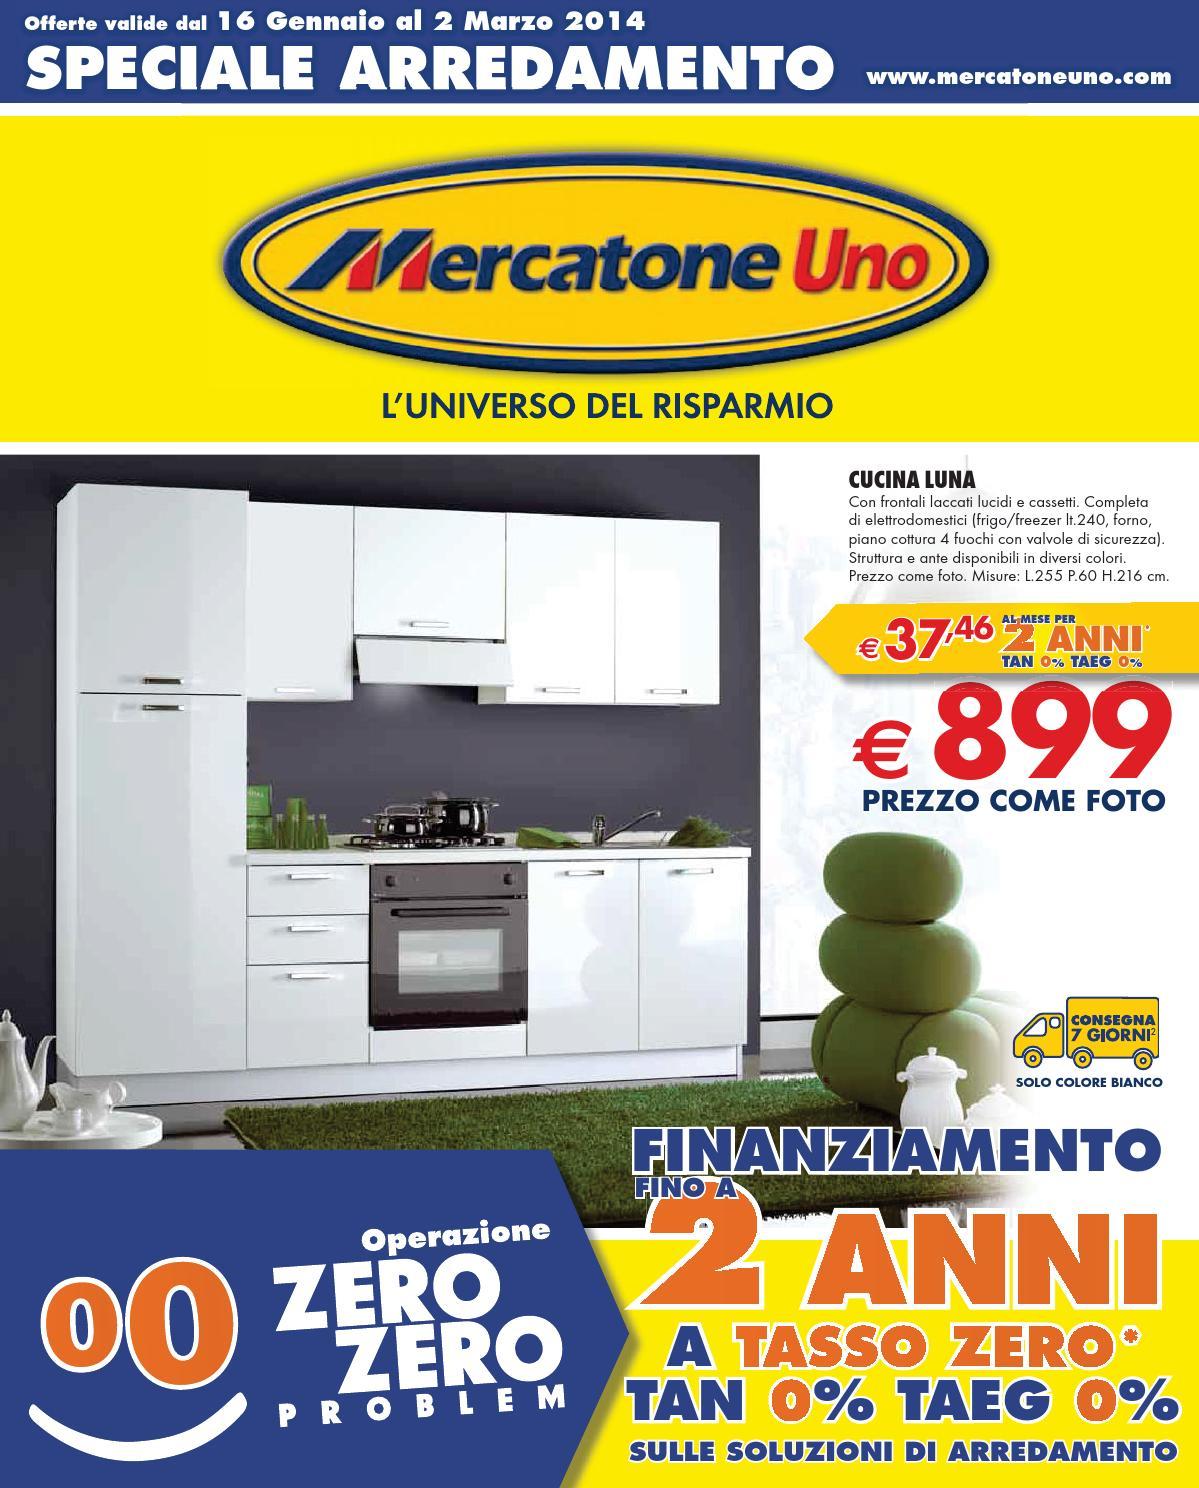 Mercatone Uno Consolle Allungabile.Mercatoneuno 2mar By Volavolantino Issuu